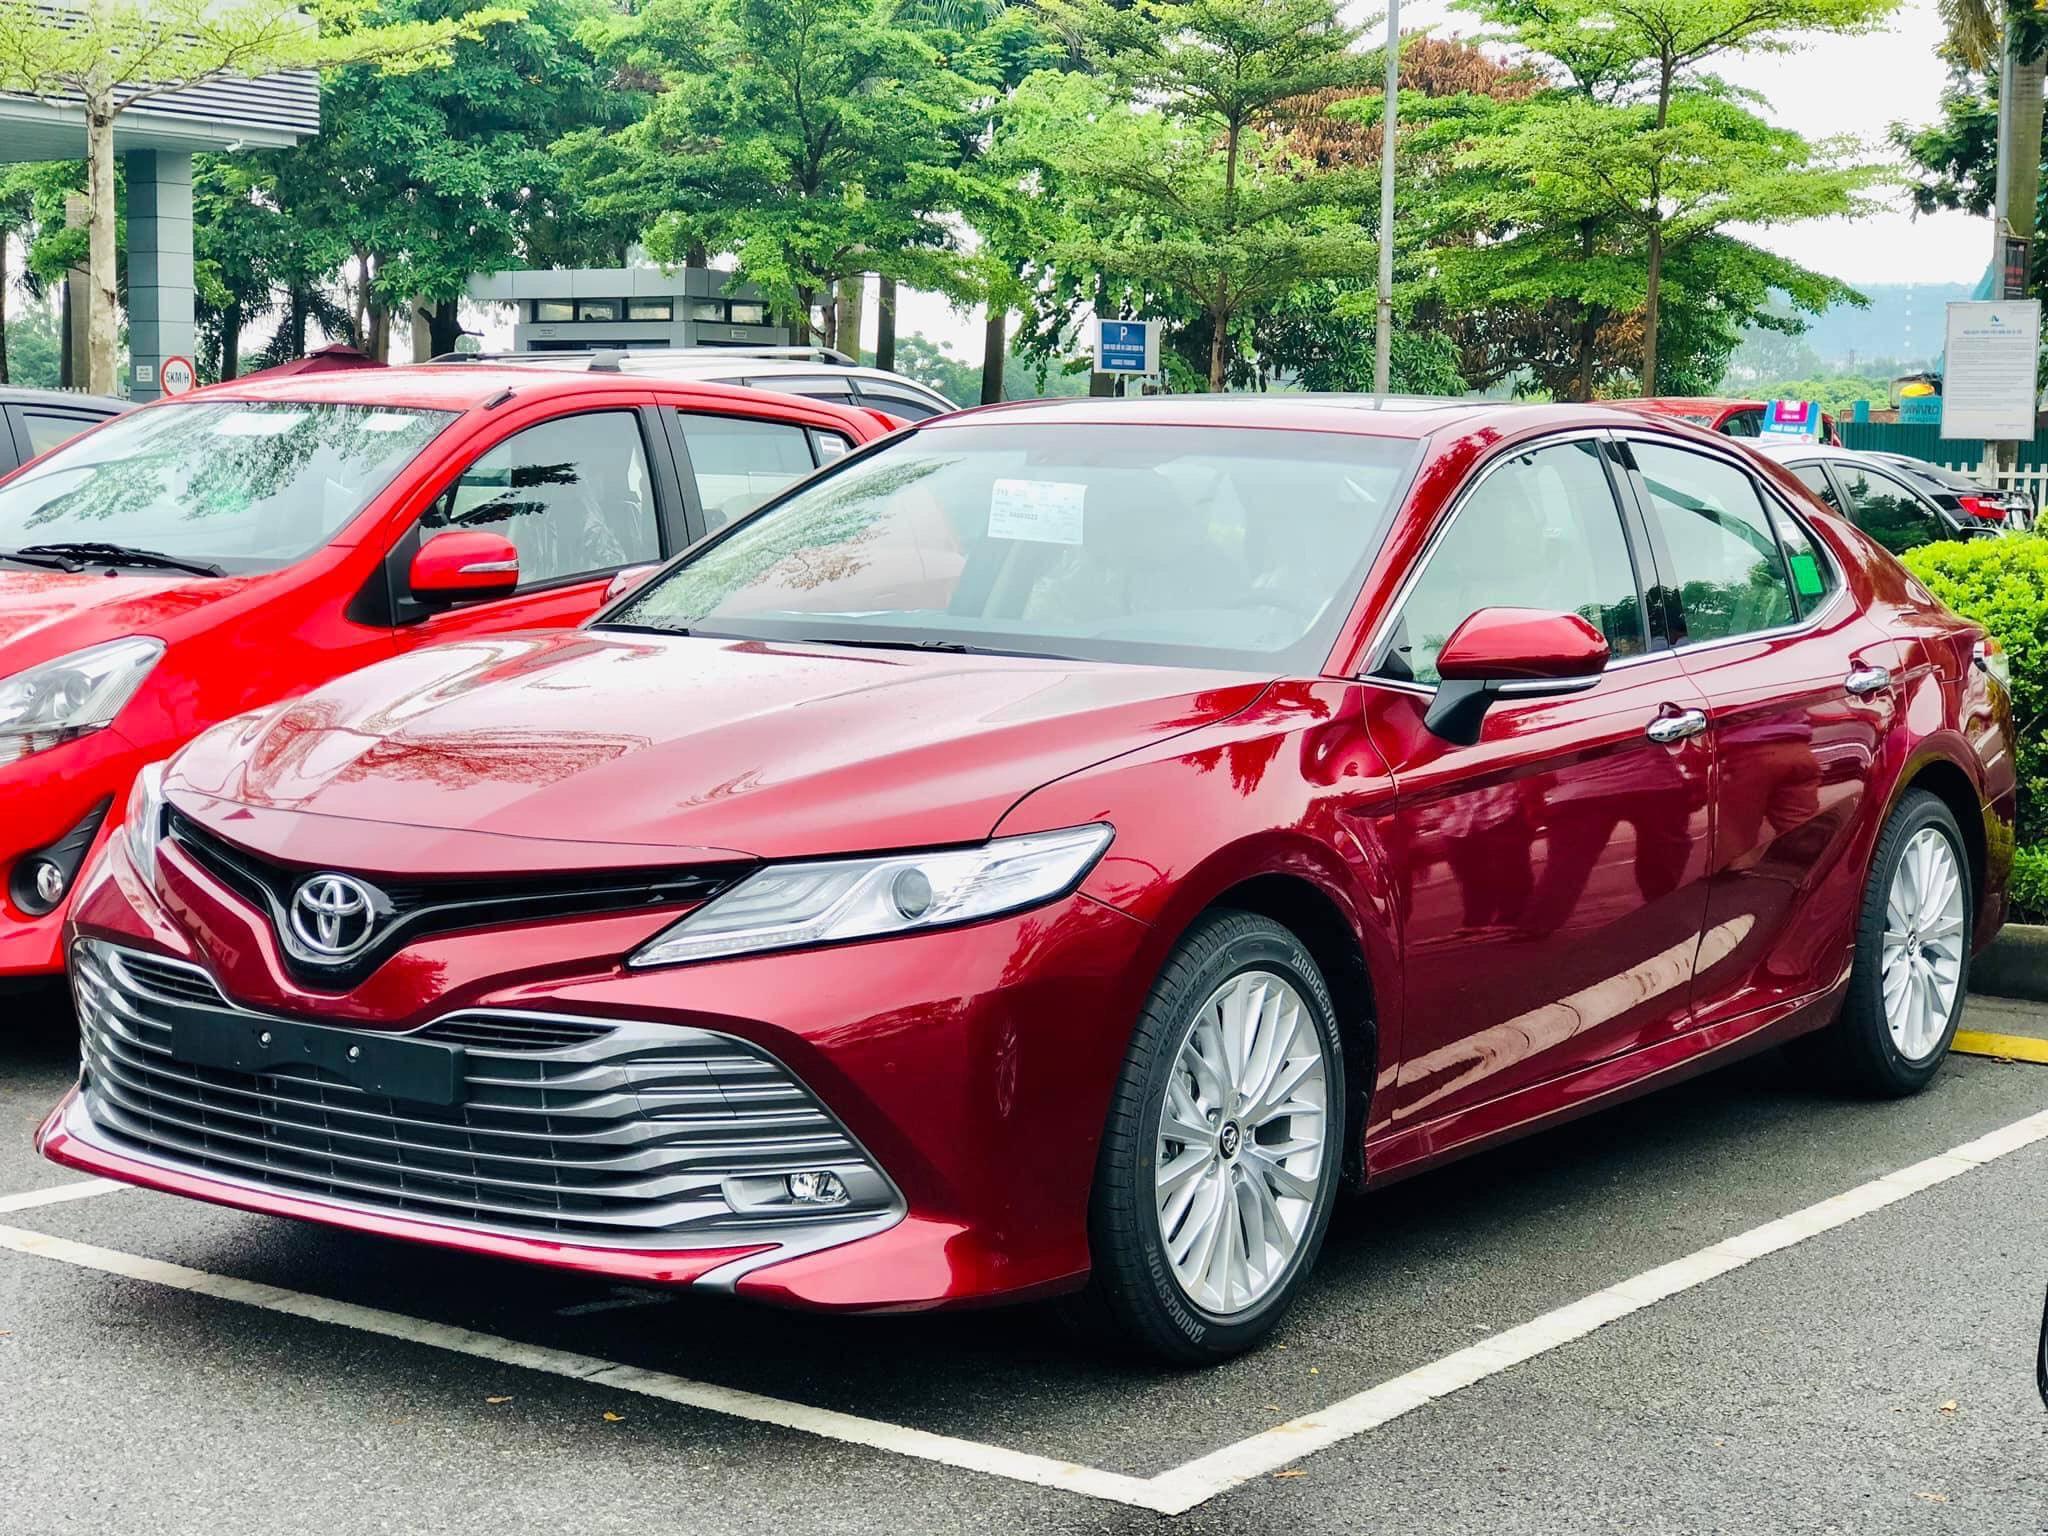 Toyota Camry 2019 nhap khau tai muaxegiabeo 4 - Toyota Camry: giá xe và khuyến mãi cập nhật tháng [hienthithang]/[hienthinam]